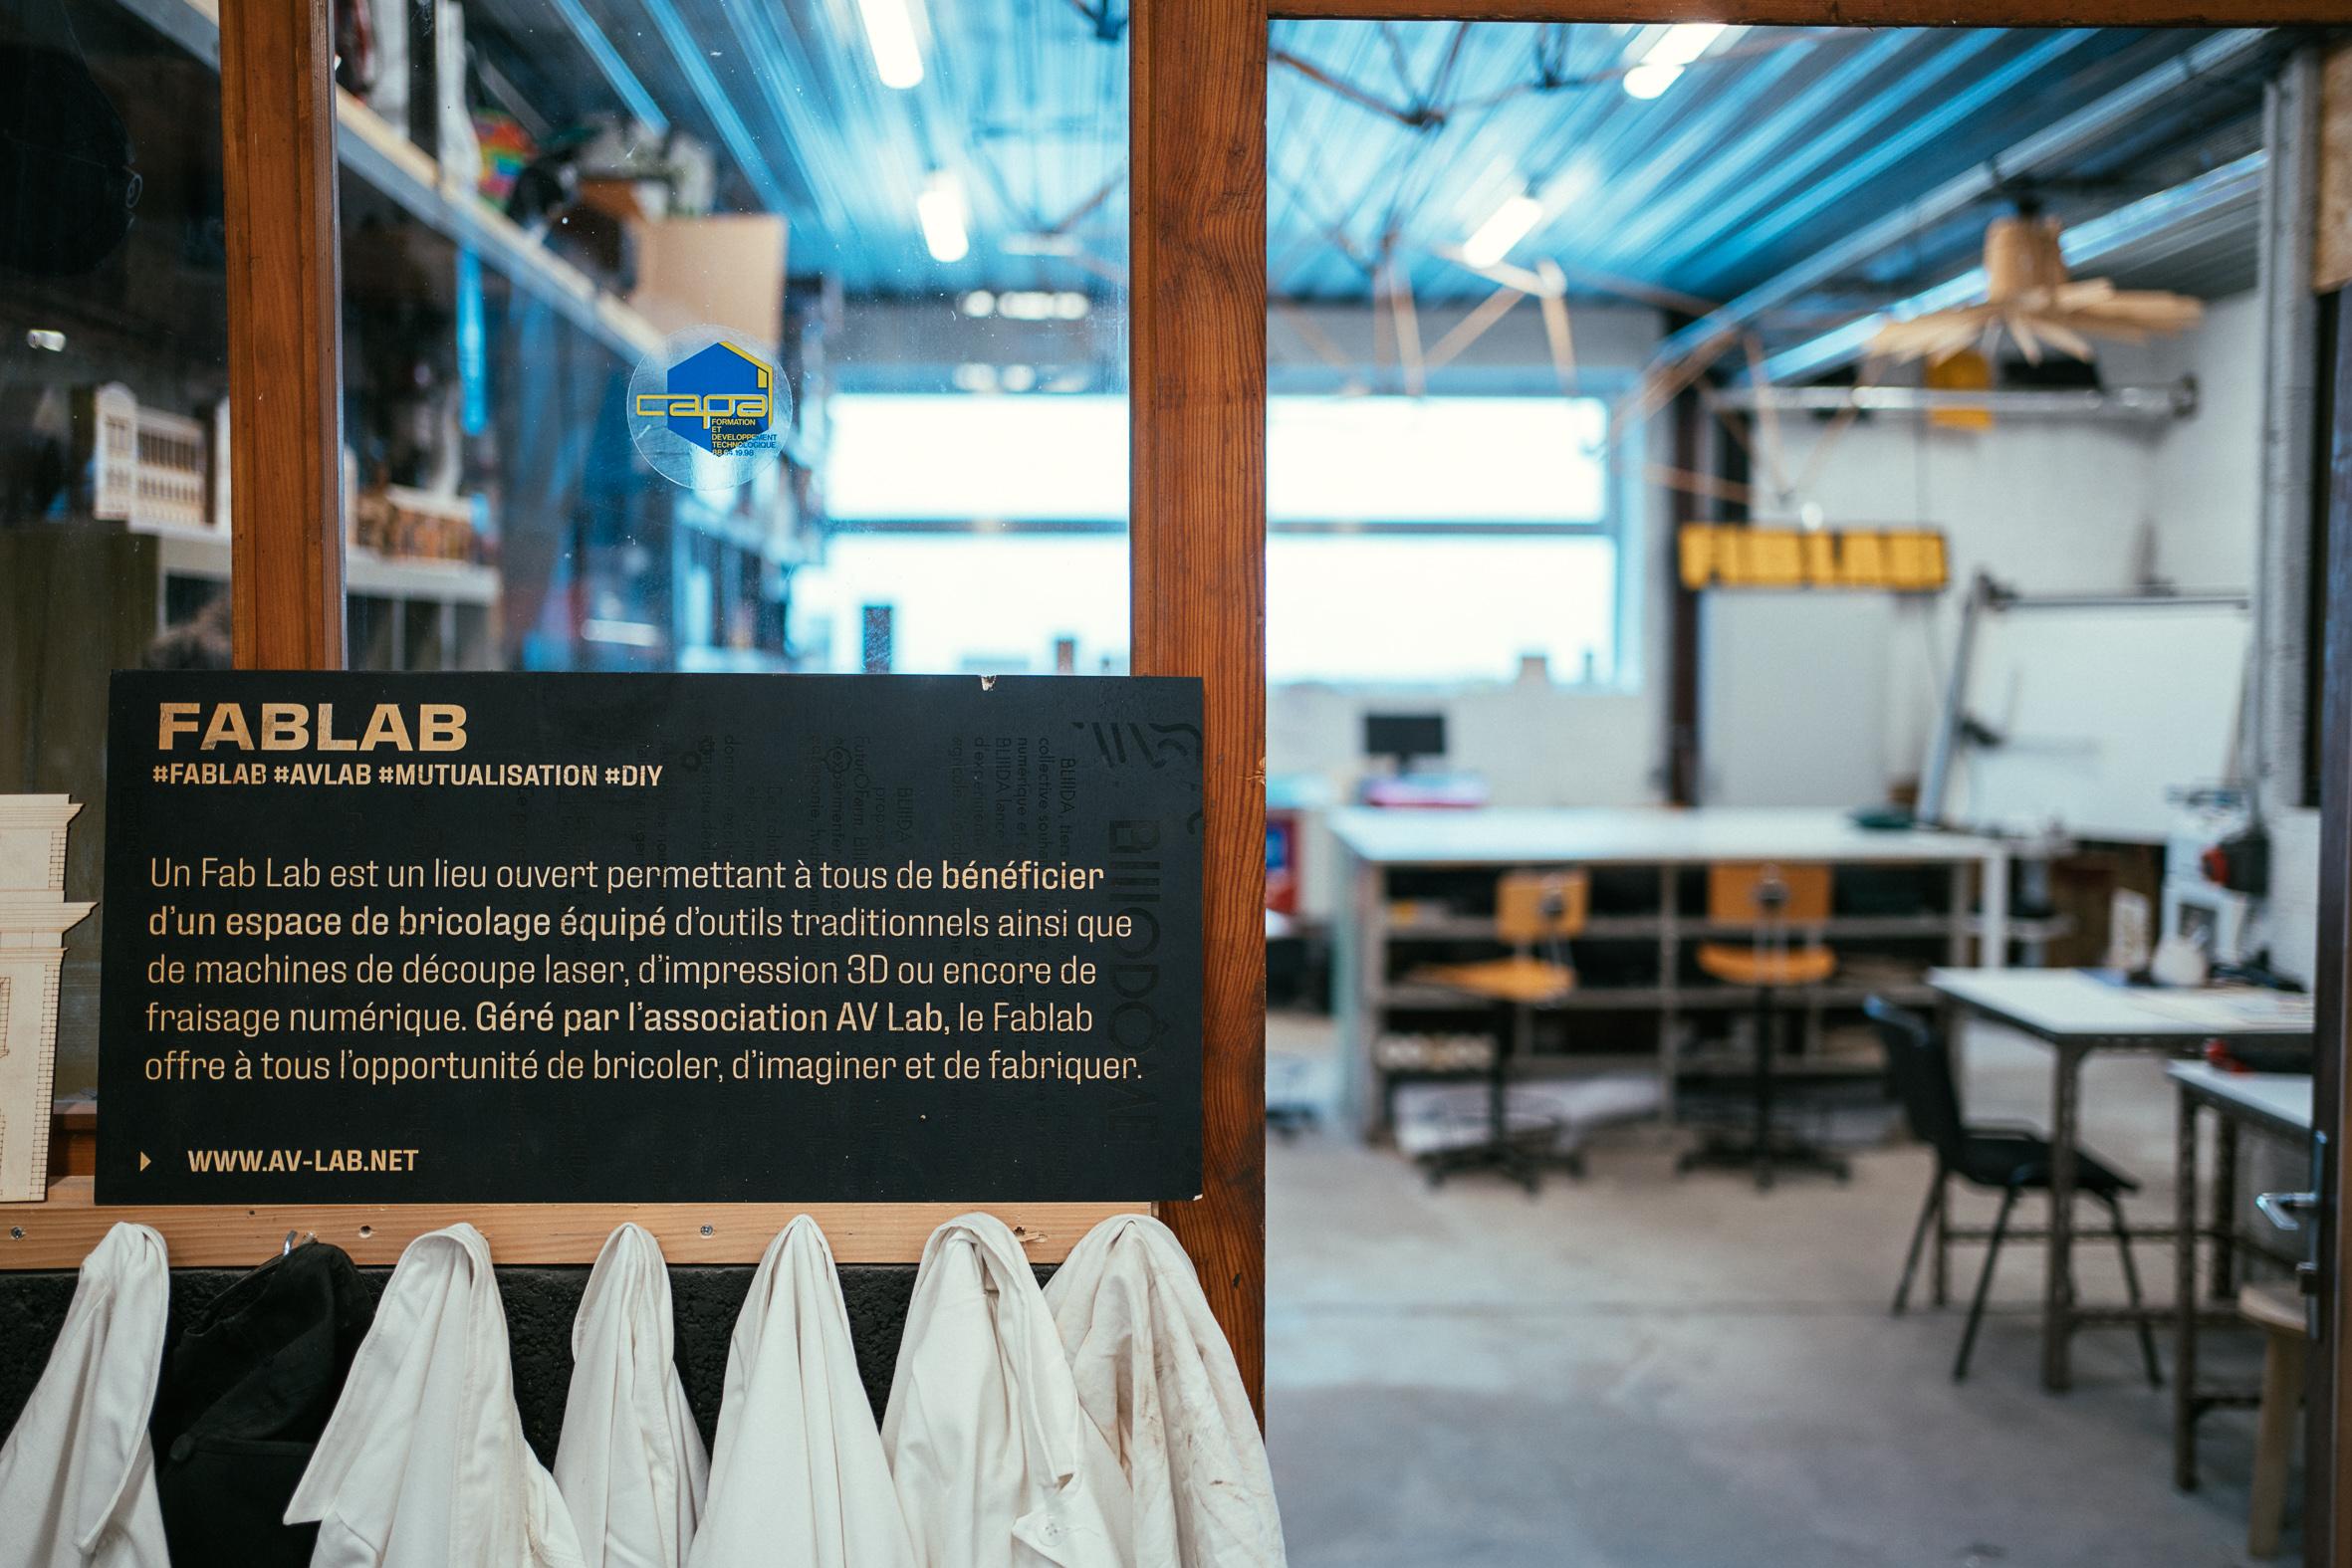 Les Ateliers Eclairés Strasbourg